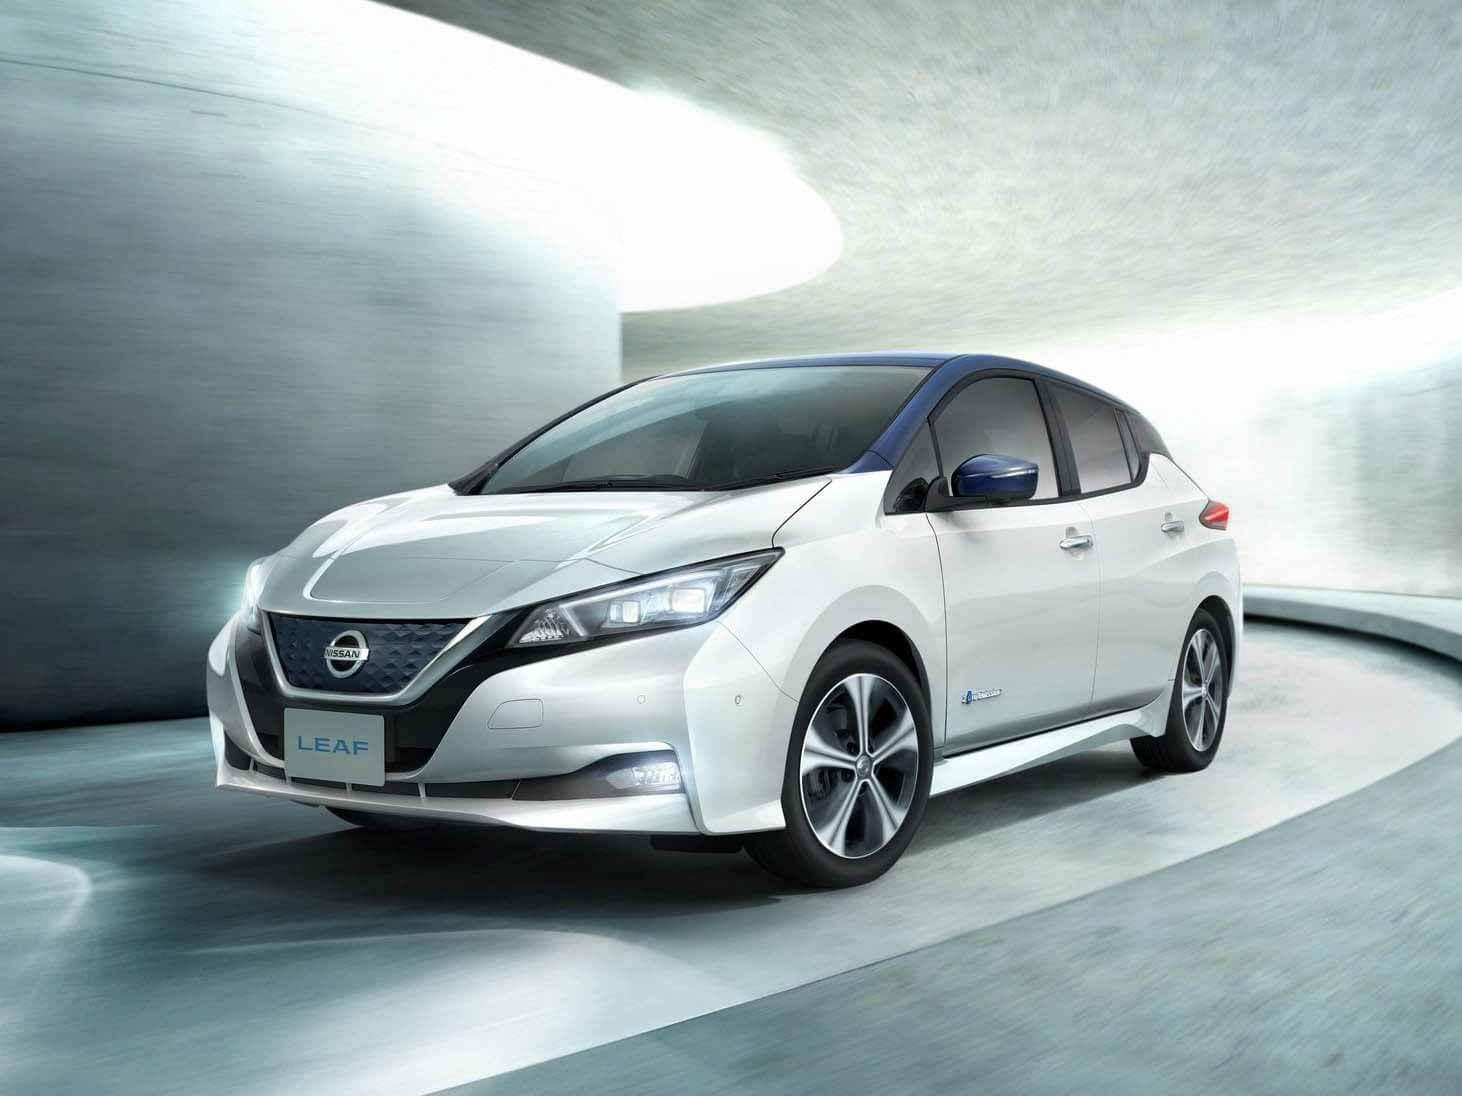 Тест-драйв БПЛА: Nissan отвез Leaf в автономном режиме на дорогах Великобритании